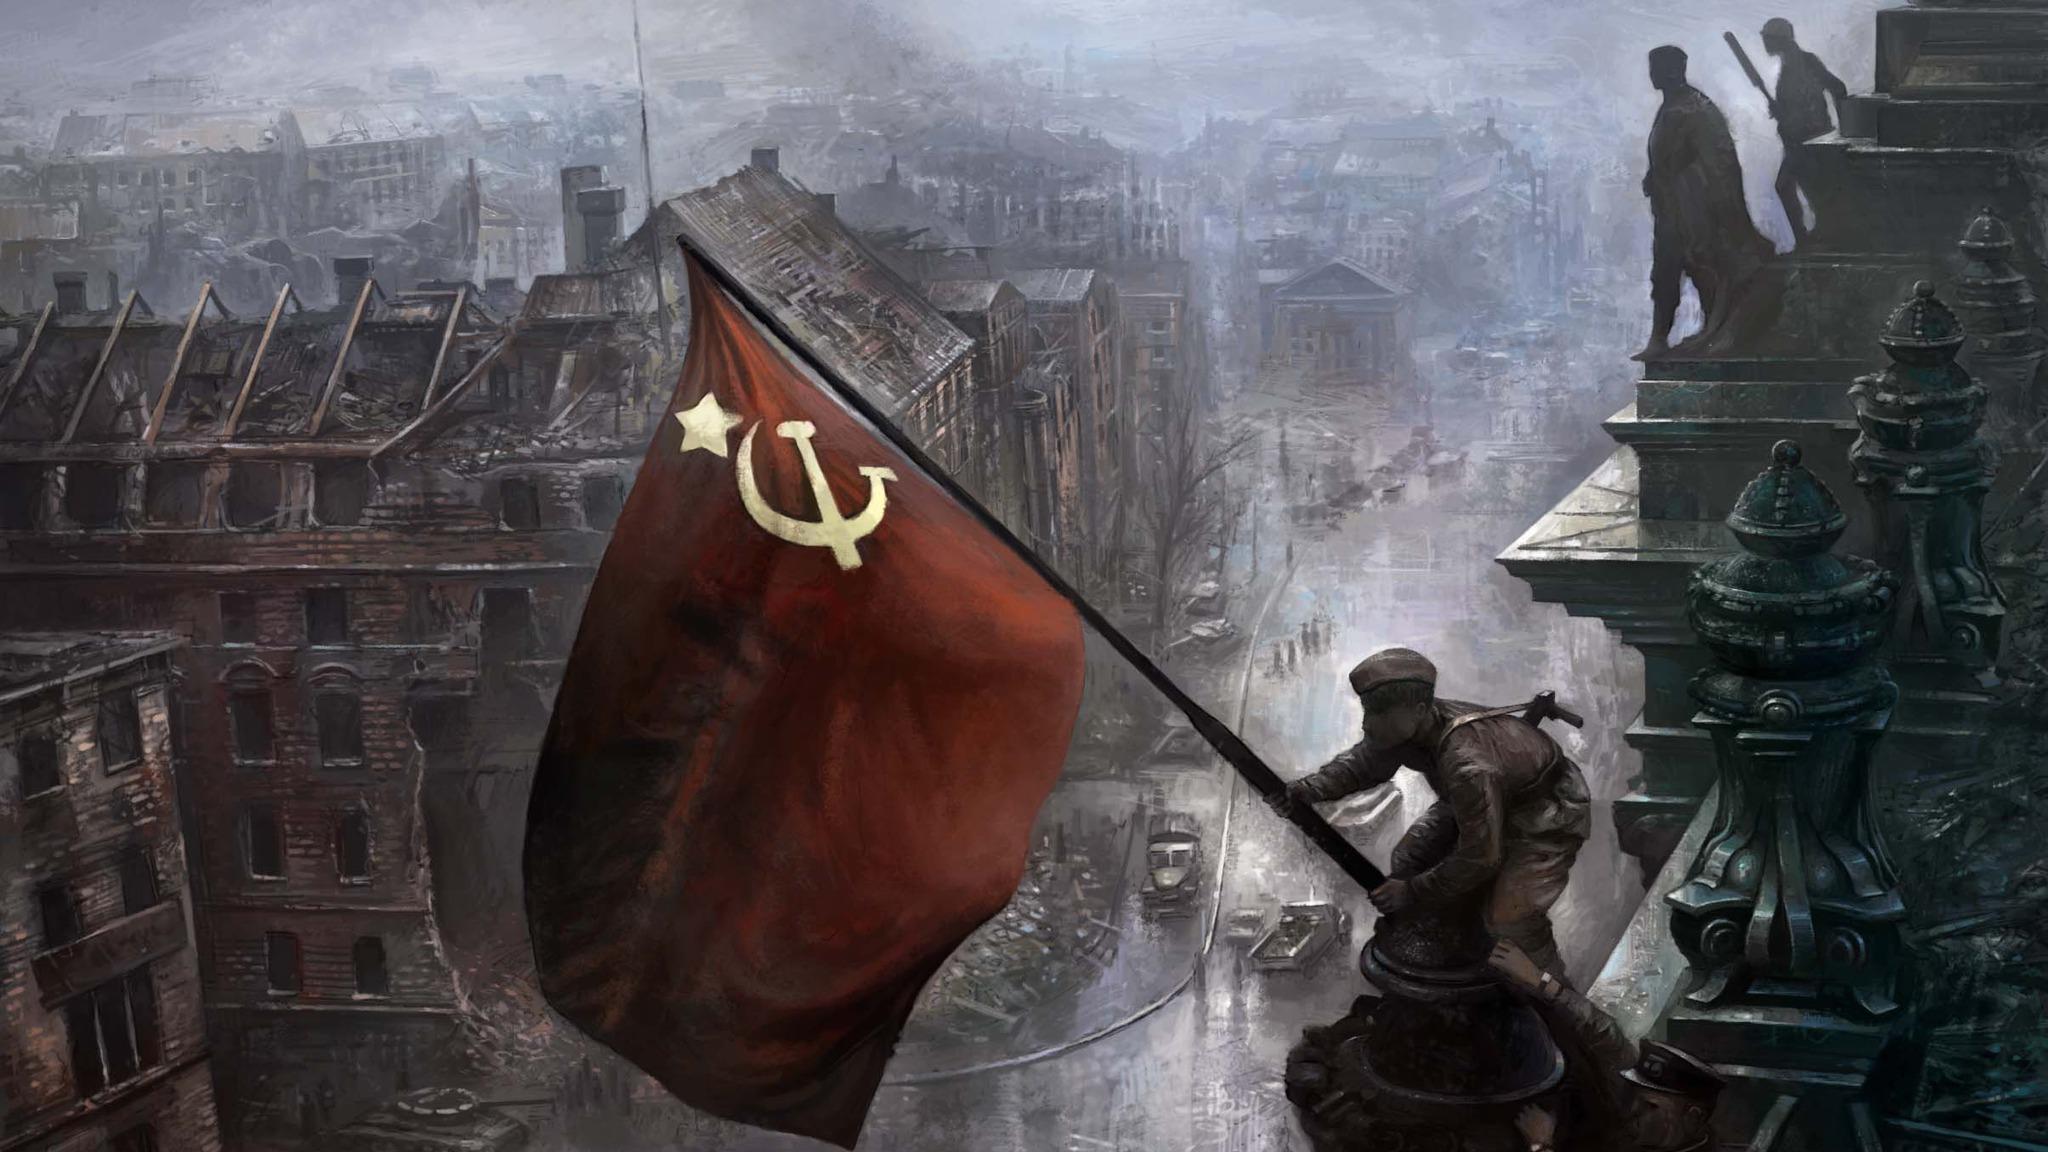 8. Mai 1945 – Tag der Befreiung